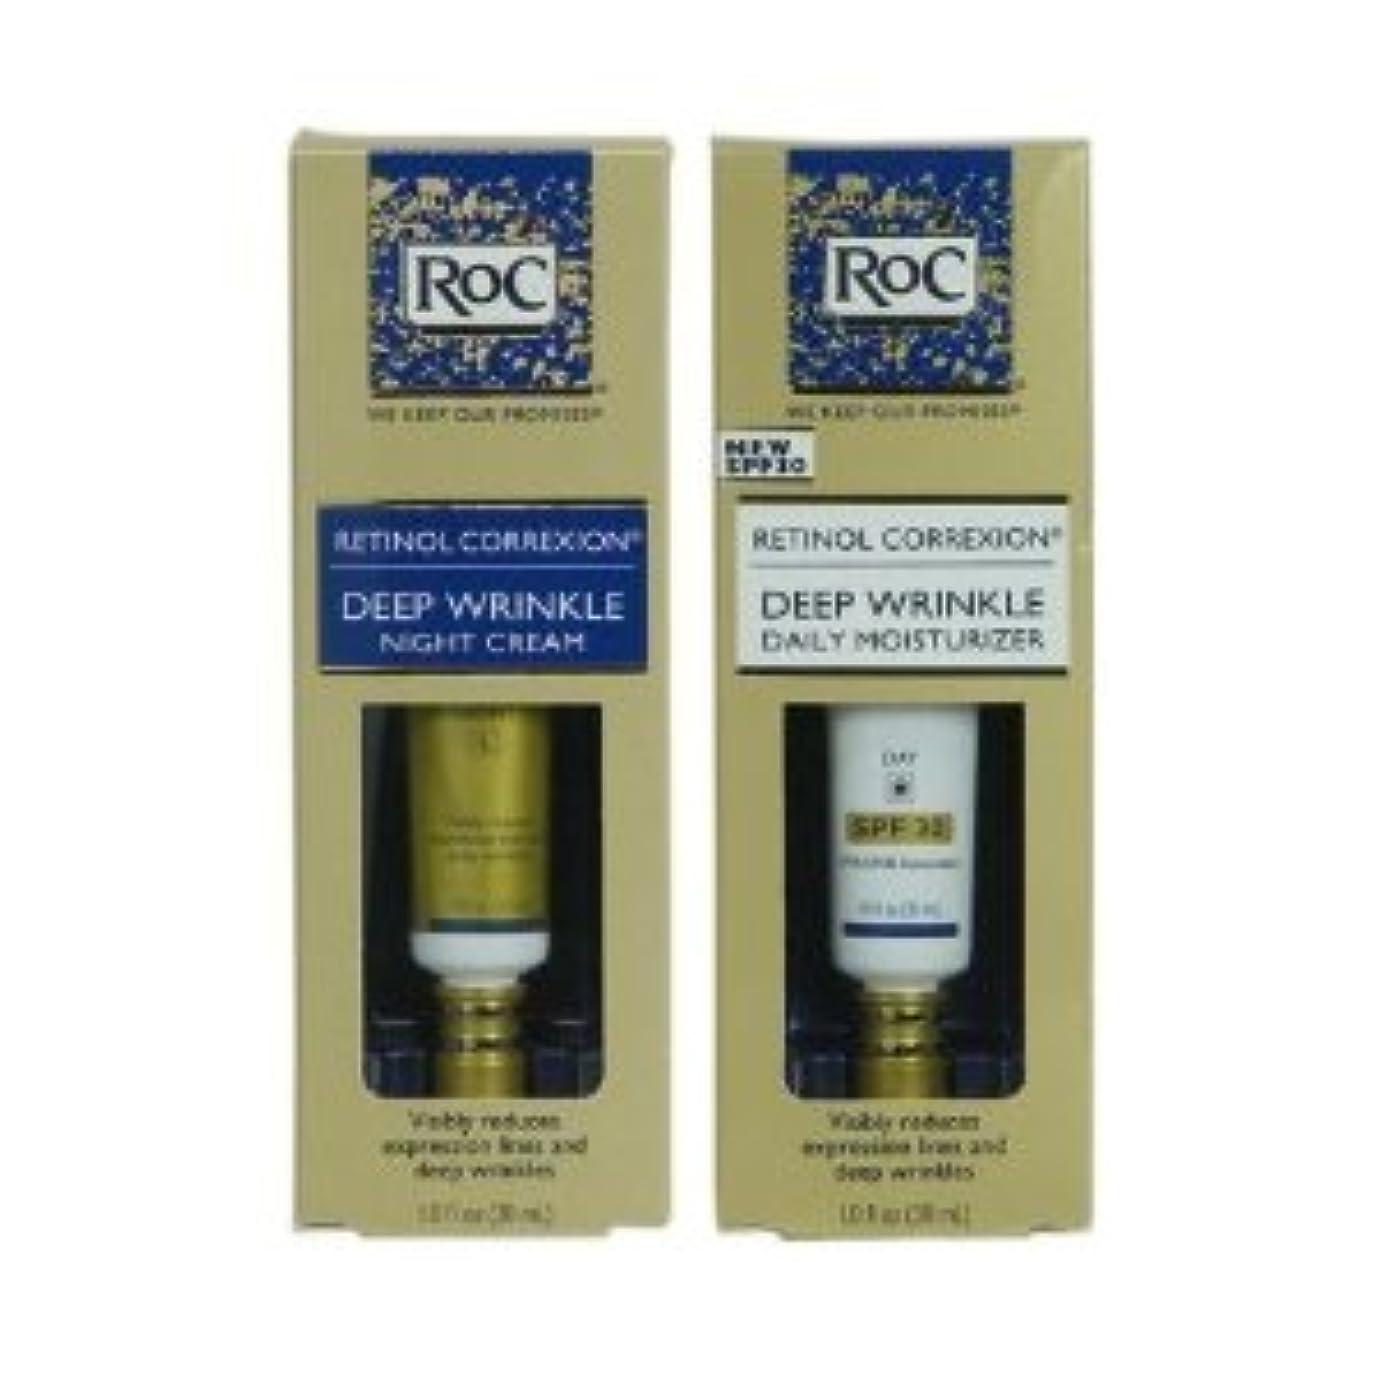 乱用気分が良い解放するRoC レチノール コレクション 2本セット (昼+夜セット) フランス製 RoC Retinol Correxion Deep Wrinkle Day/Night set